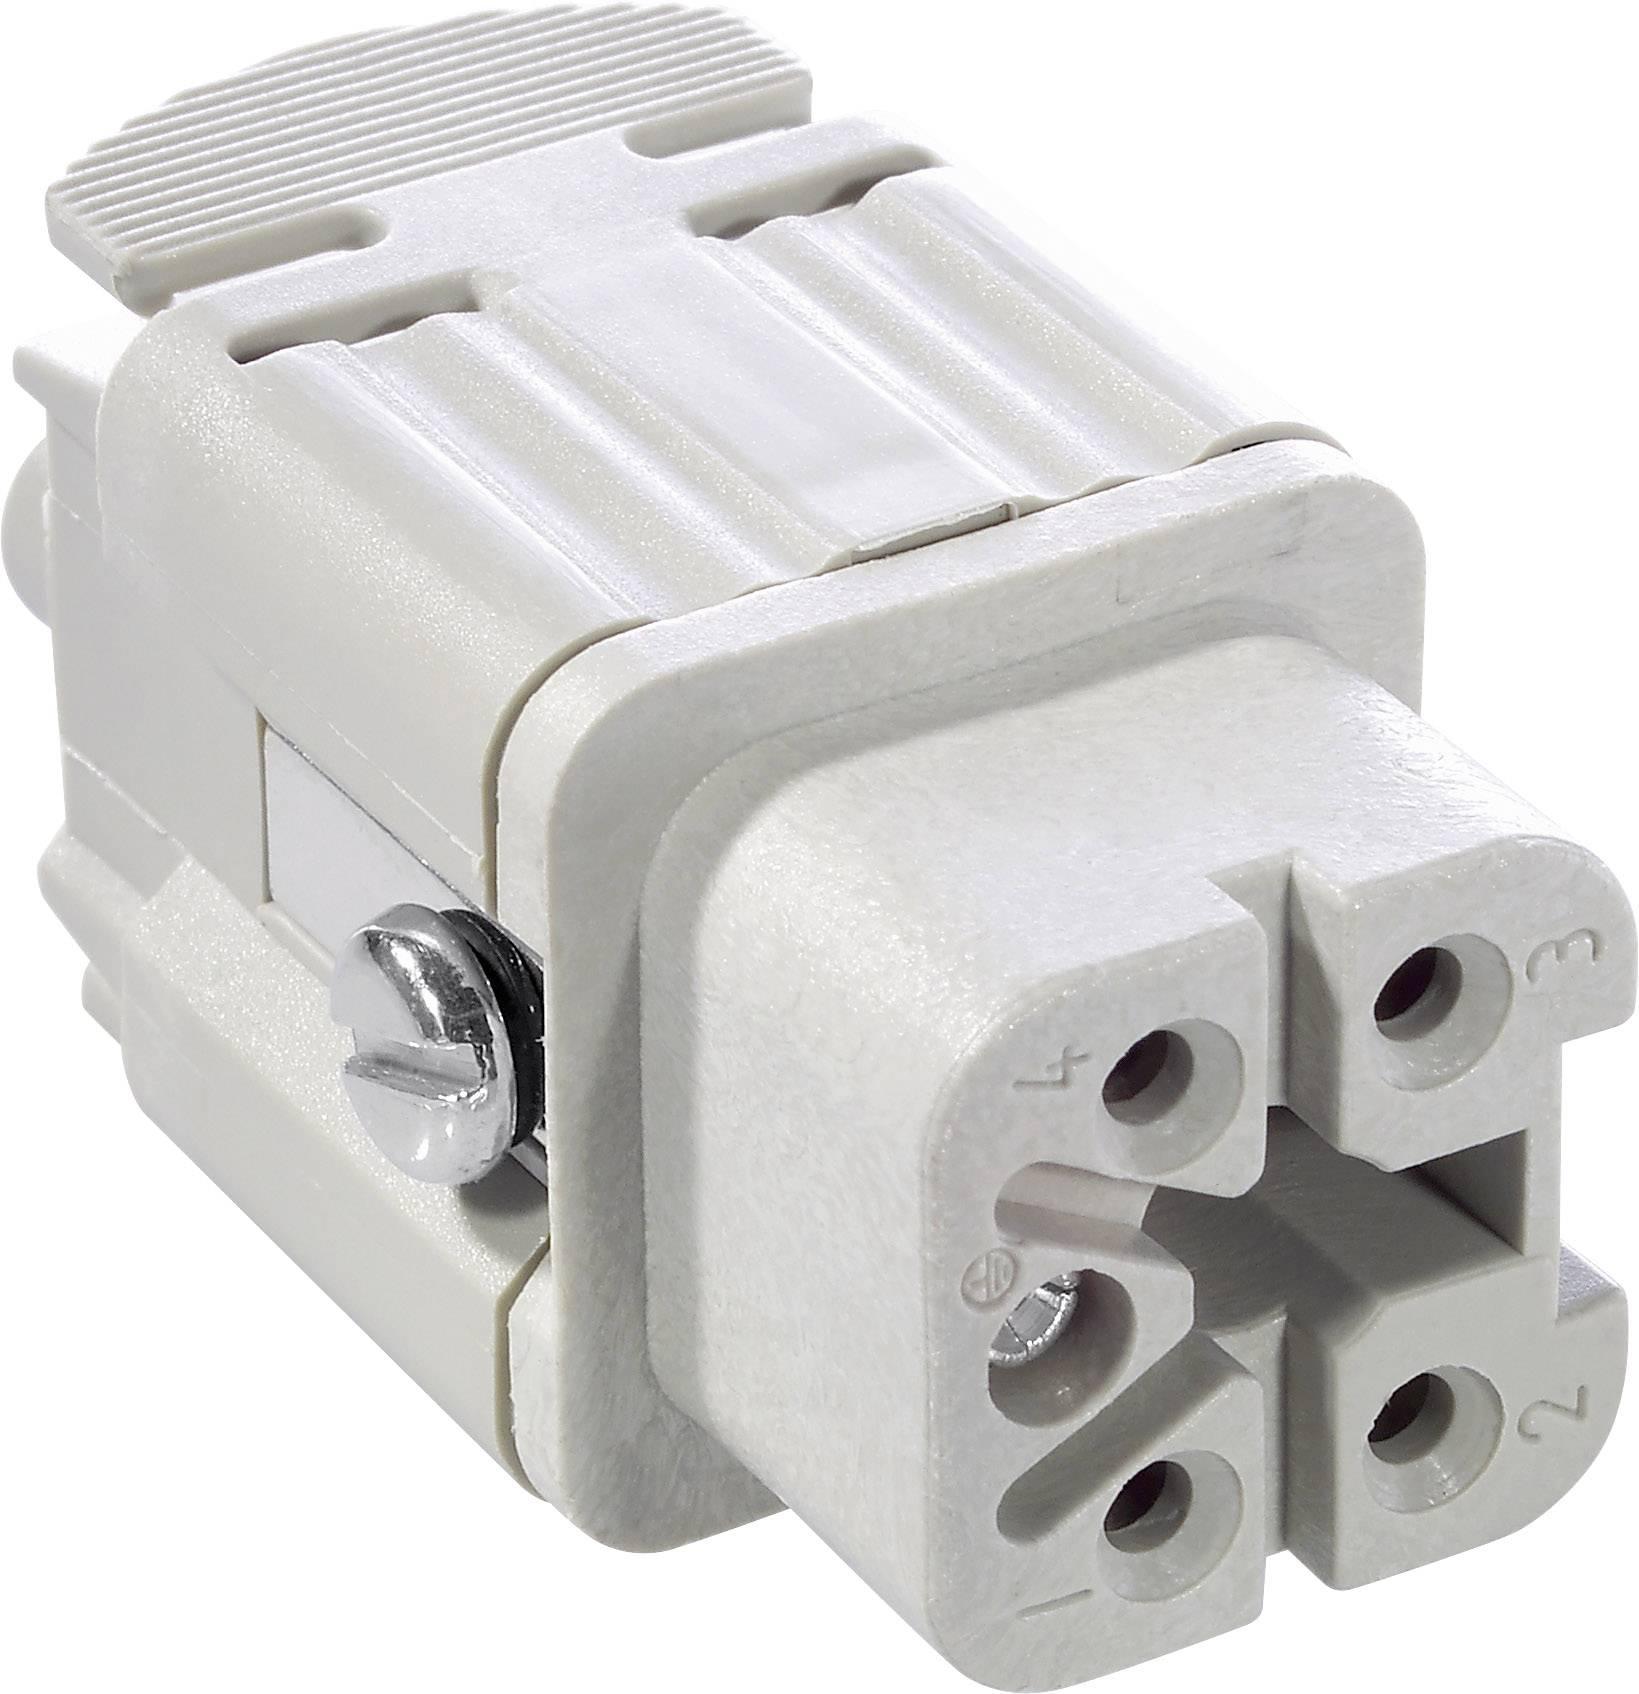 Konektorová vložka, zásuvka EPIC® H-A 4 10432000 LappKabel počet kontaktů 4 + PE 1 ks